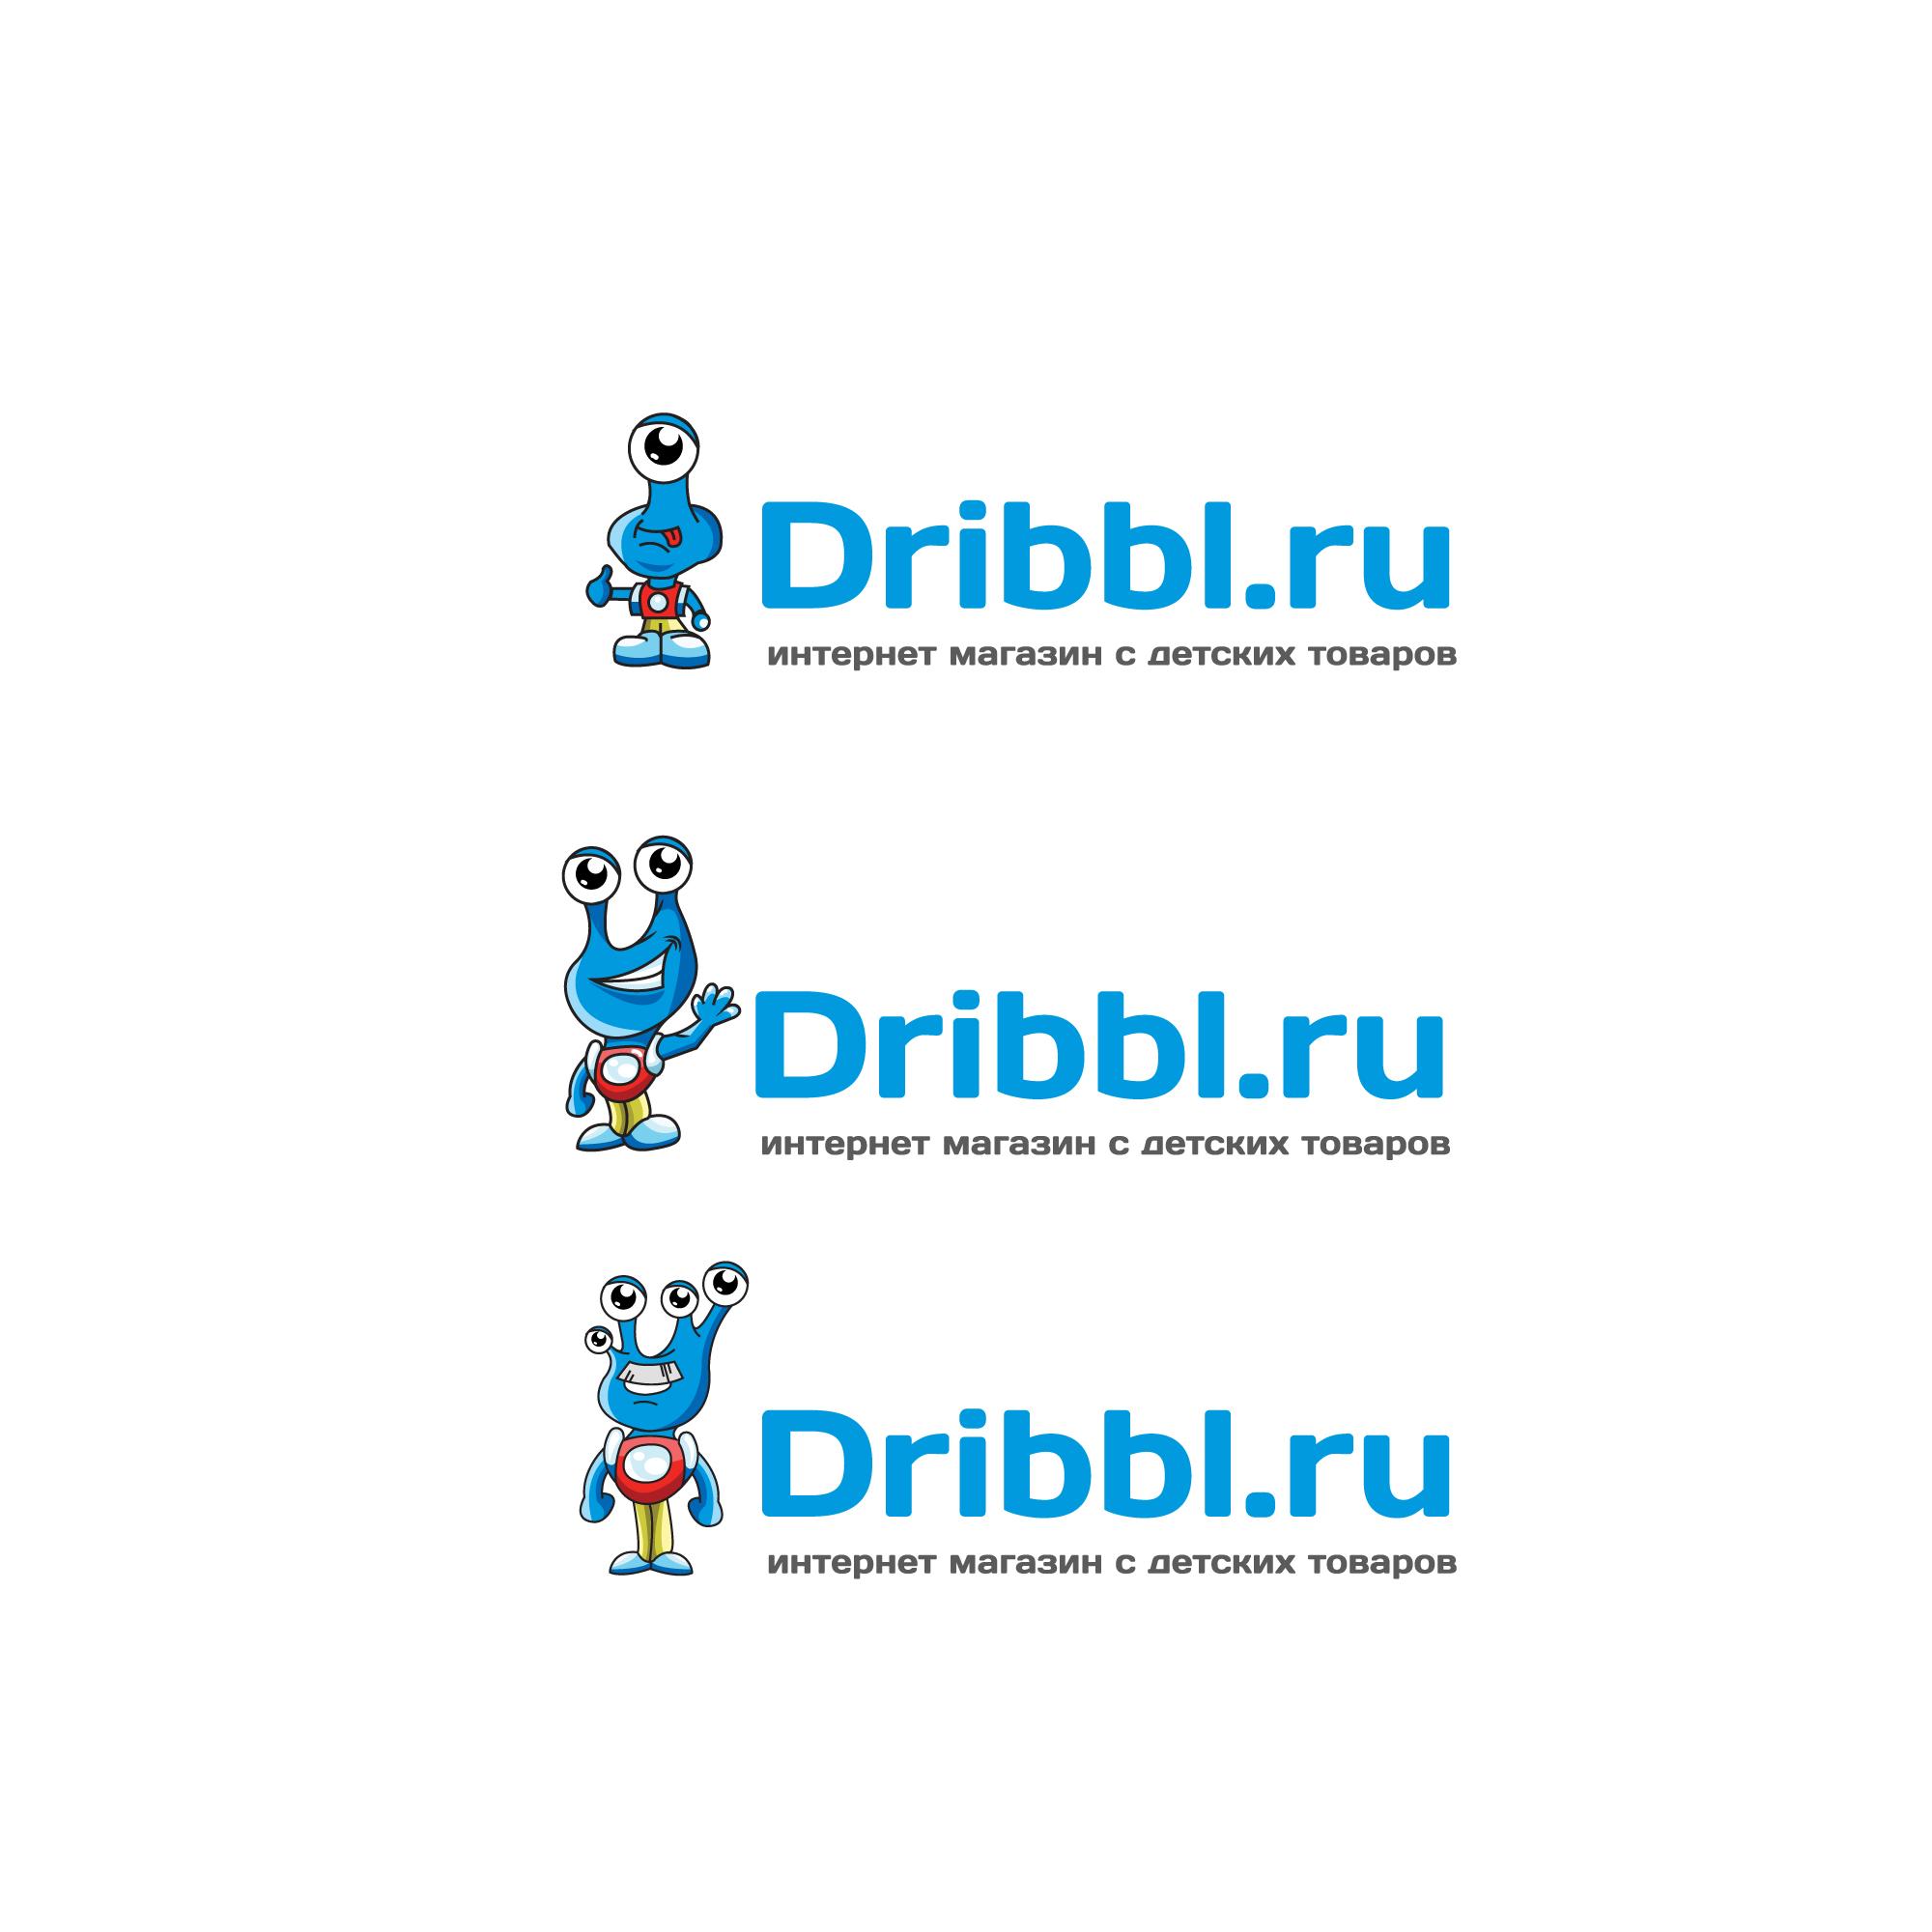 Разработка логотипа для сайта Dribbl.ru фото f_5035a9d499ce83e5.jpg